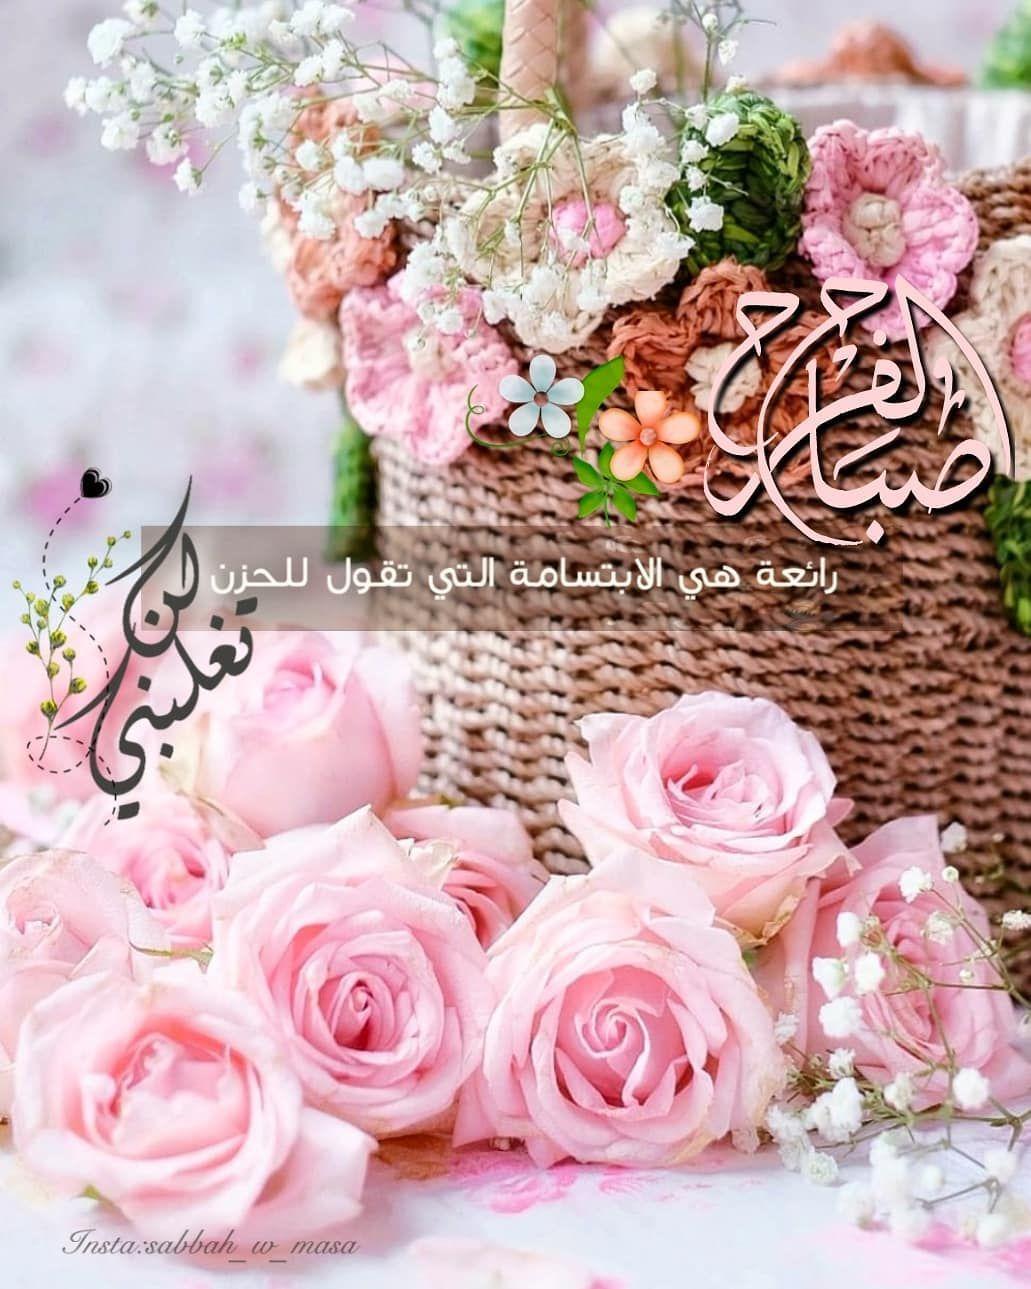 صبح و مساء S Instagram Profile Post صباح الفرح رائعة هي الابتسامة التي تقول للحزن لن تغلبني Floral Wreath Floral Wreaths